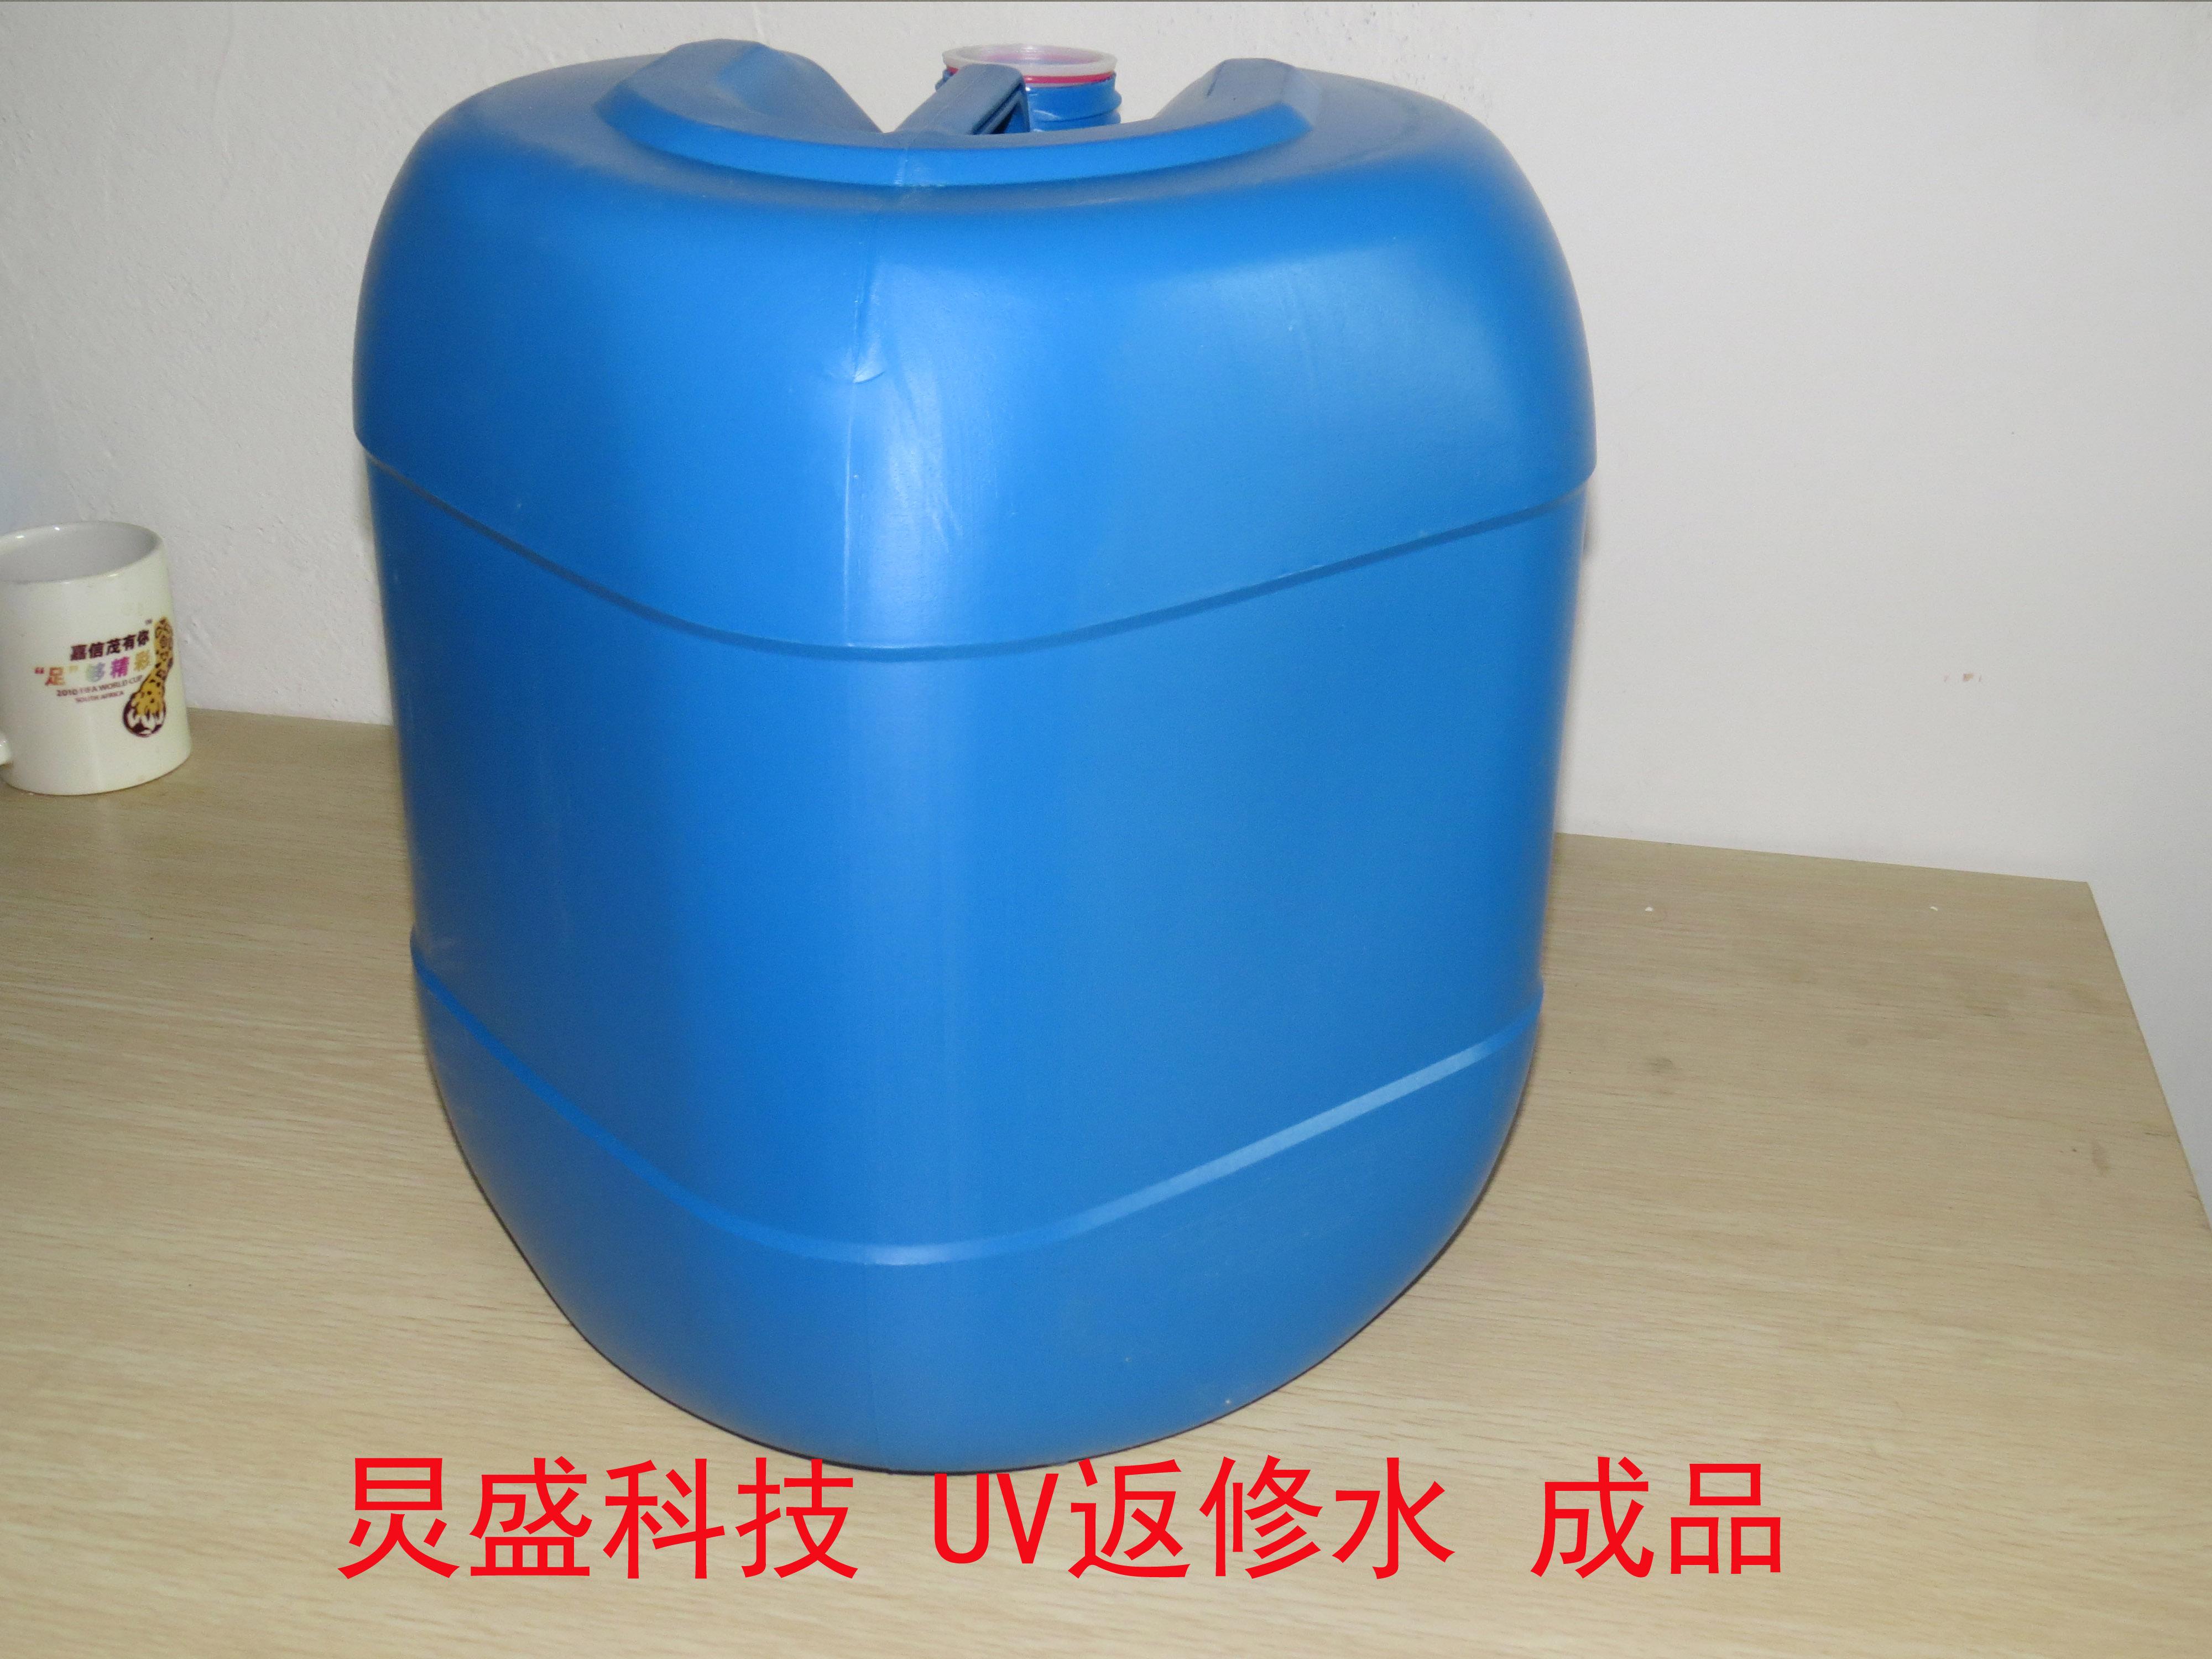 供应广州UV返修水 解决UV重涂附着力问题性能稳定